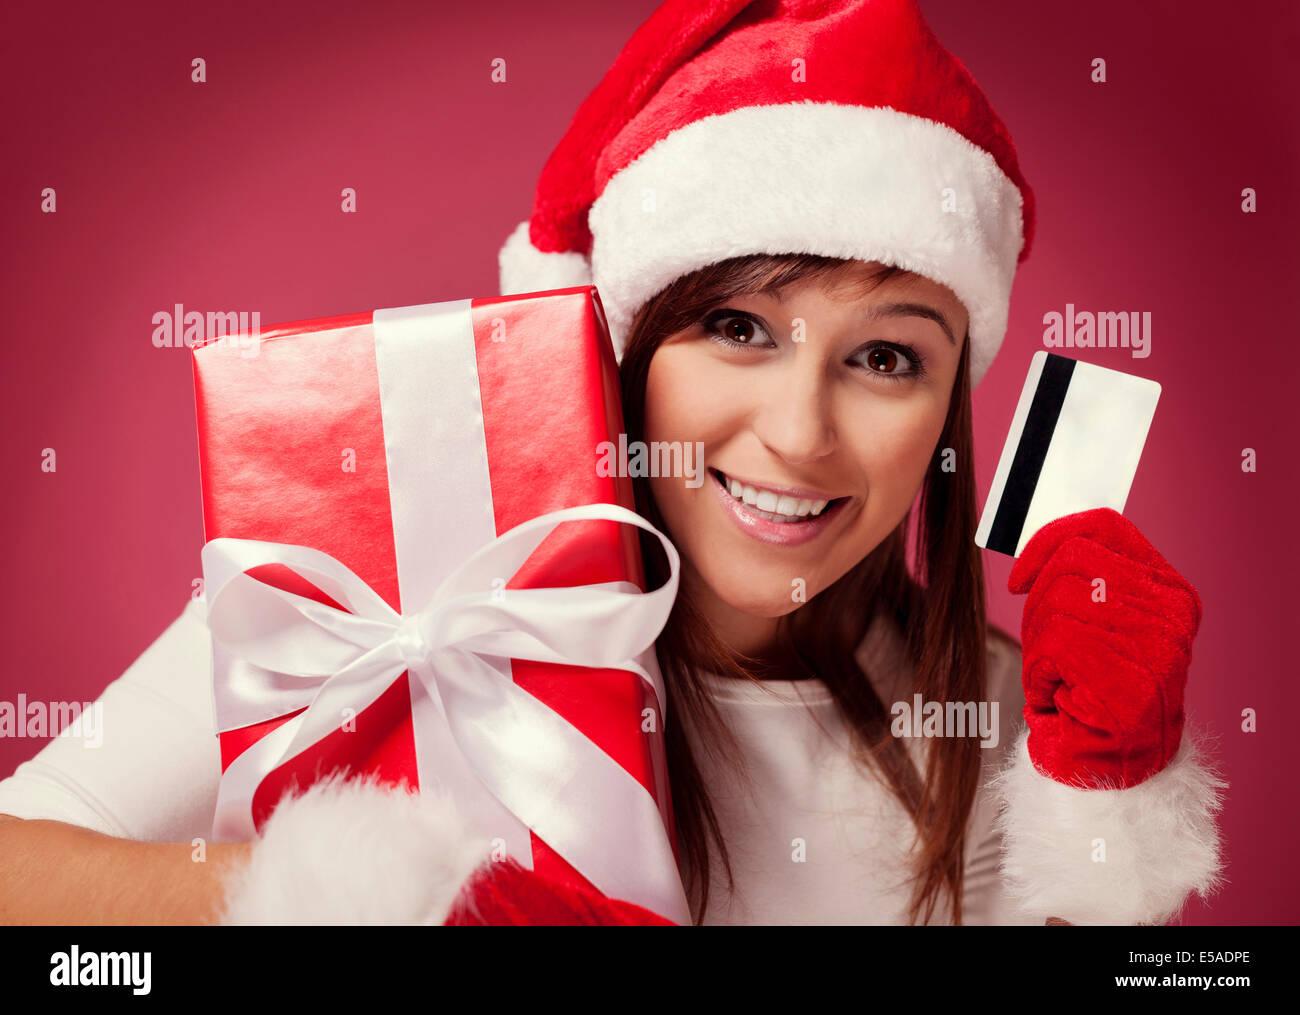 Weihnachtsfrau mit roten Geschenkbox und Kreditkarte, Debica, Polen Stockbild